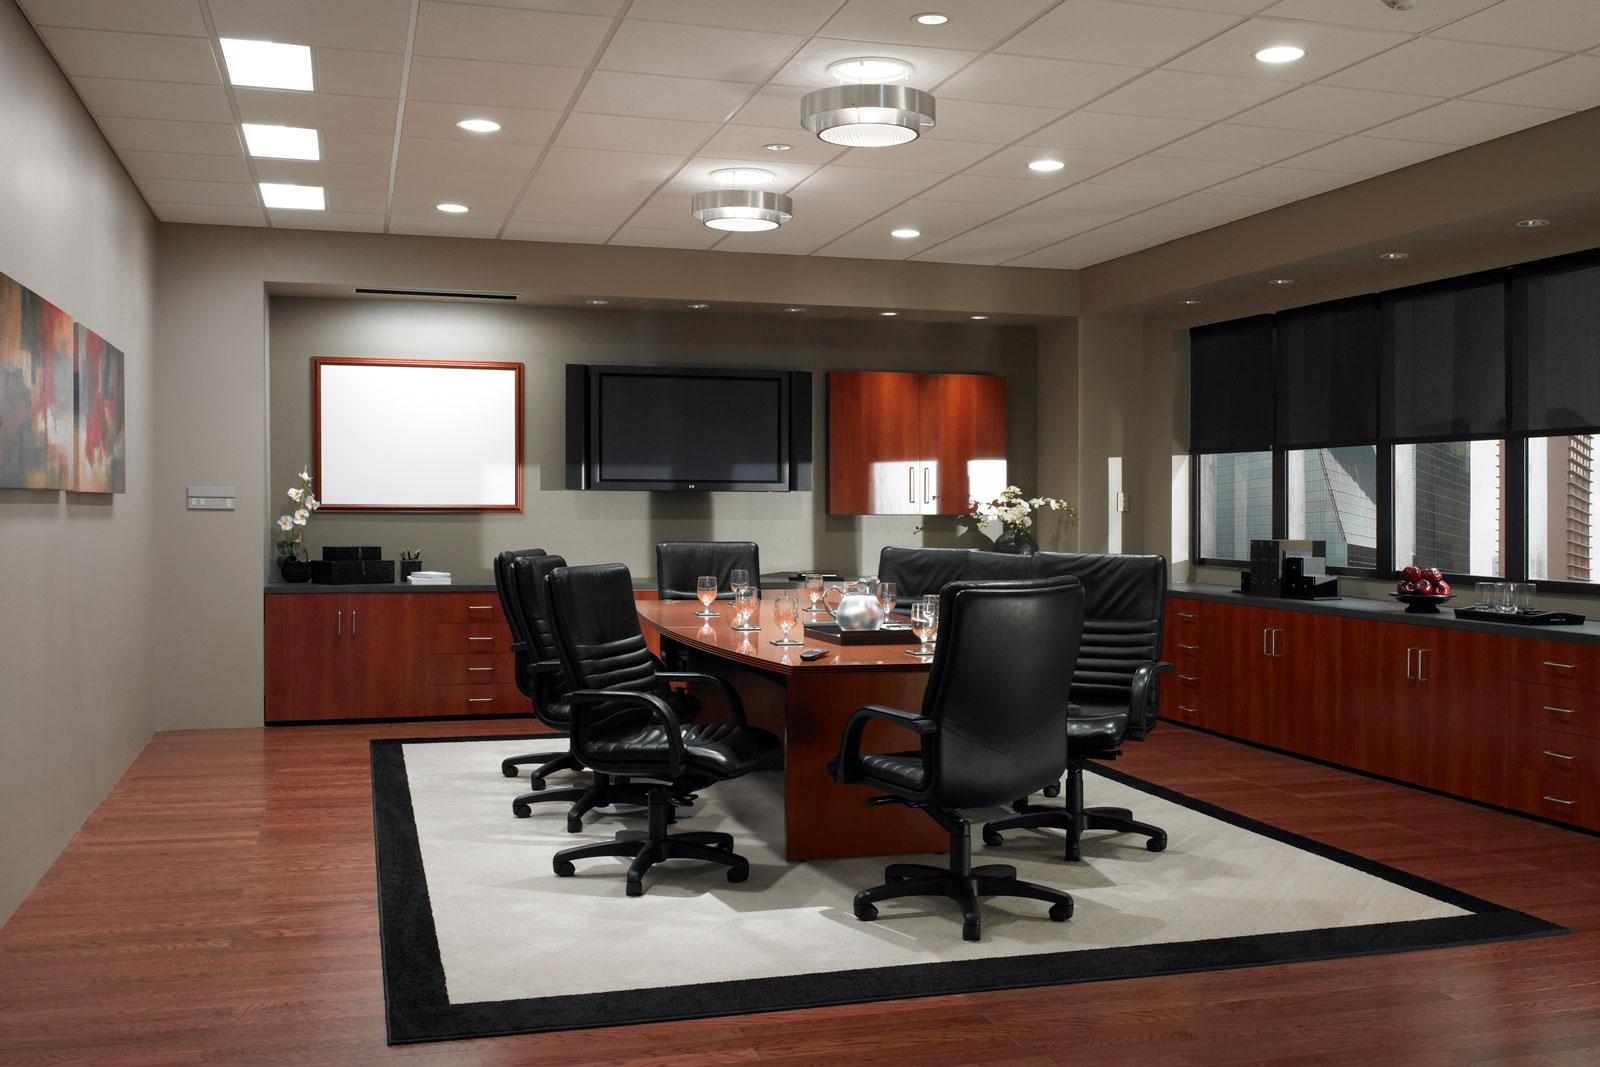 Corporate Conference Room Audio Video AV Installation - Atlanta, GA